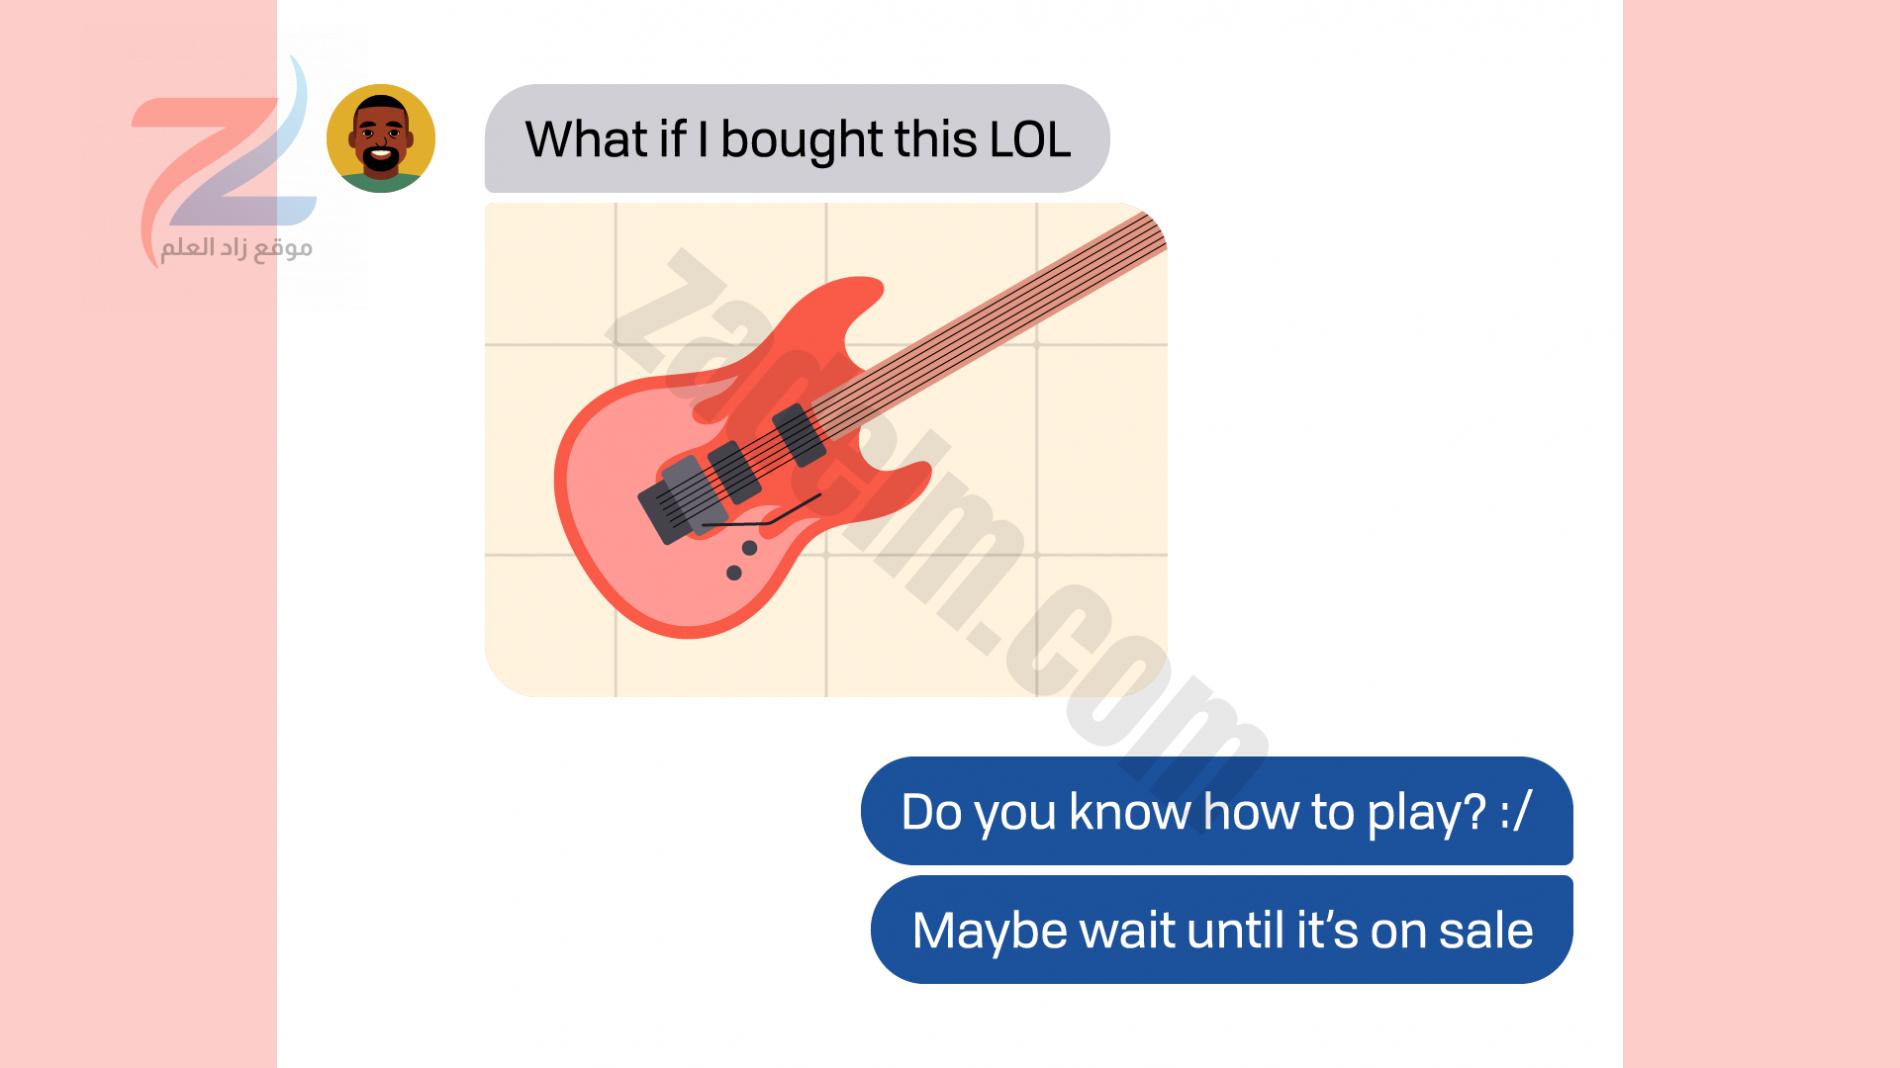 """محادثة الدردشة - صديق: """"ماذا لو اشتريت هذه الضحك بصوت مرتفع"""" / أنت: """"هل تعرف كيف تلعب؟ ربما تنتظر حتى يتم بيعها"""""""